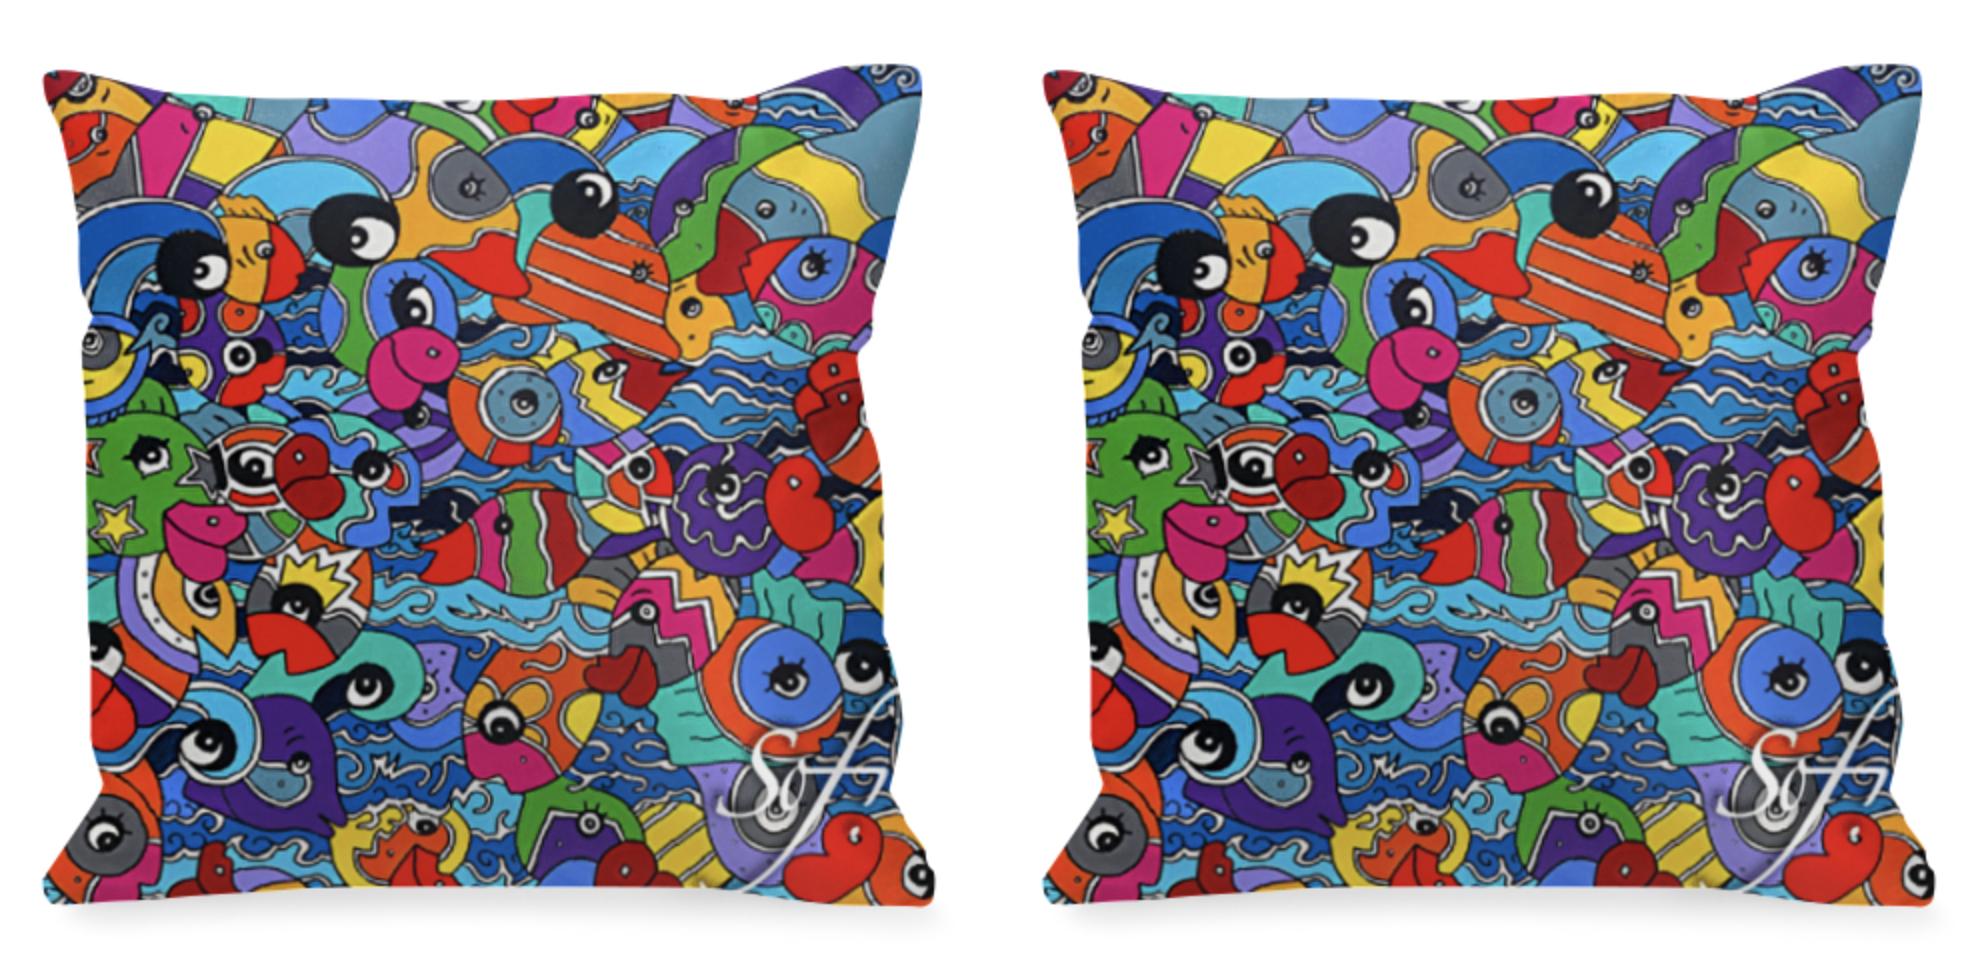 coussins carrés colorés réalisés par Sofi, artiste peintre France dans les Pyrénées Orientales - Objet déco et tendance coussins colorés en satin